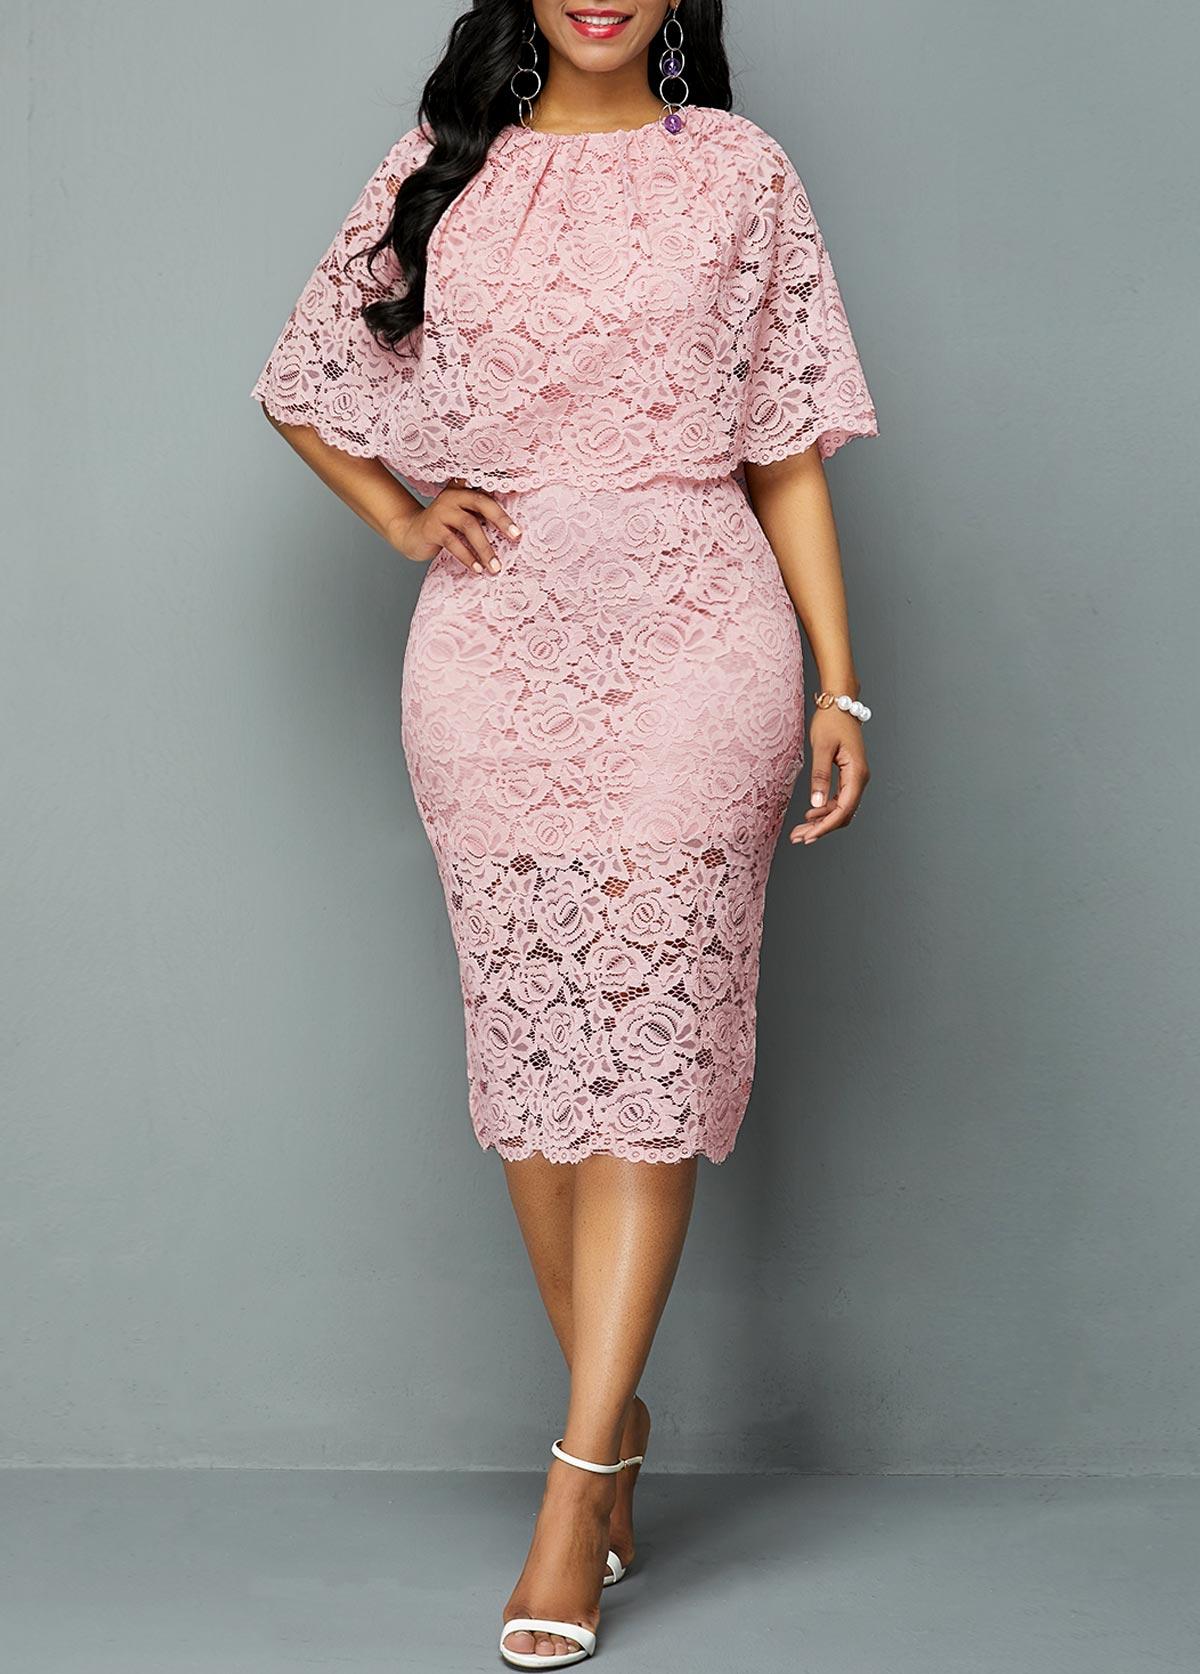 Half Sleeve Overlay Embellished Lace Dress